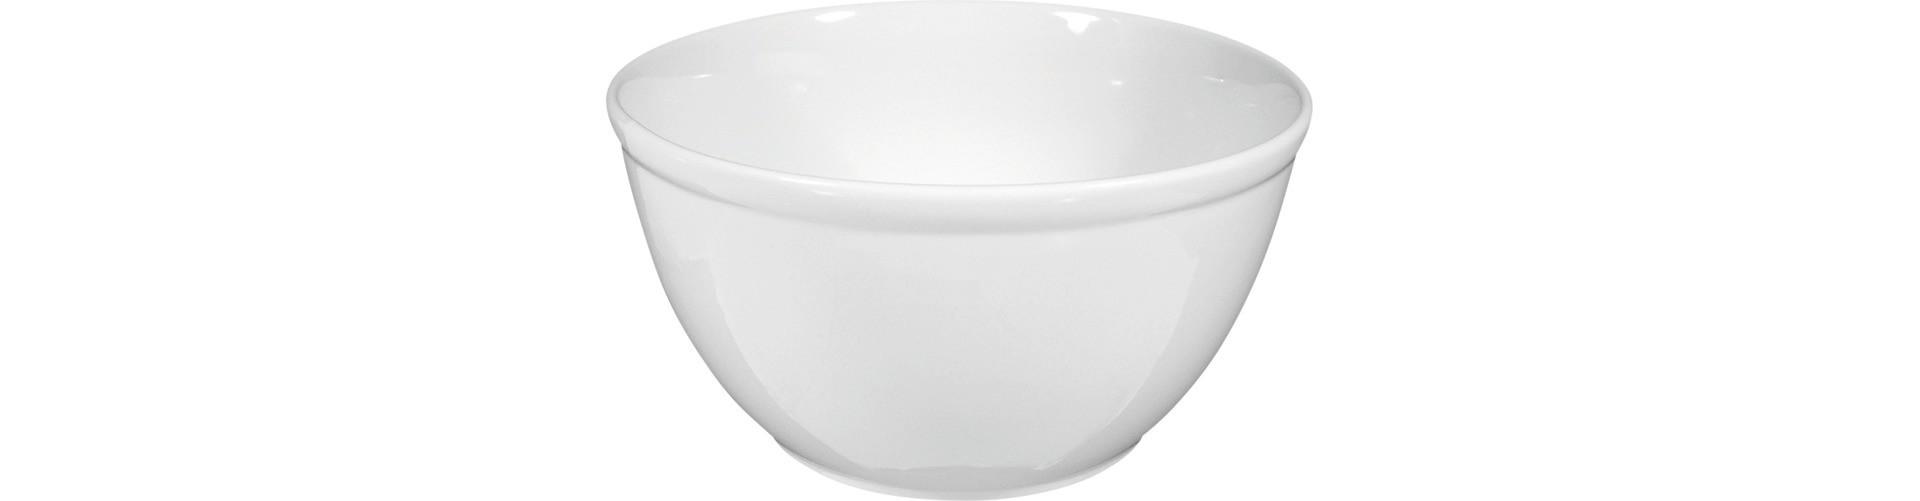 Buffet Gourmet, Salat rund ø 230 mm / 3,00 l